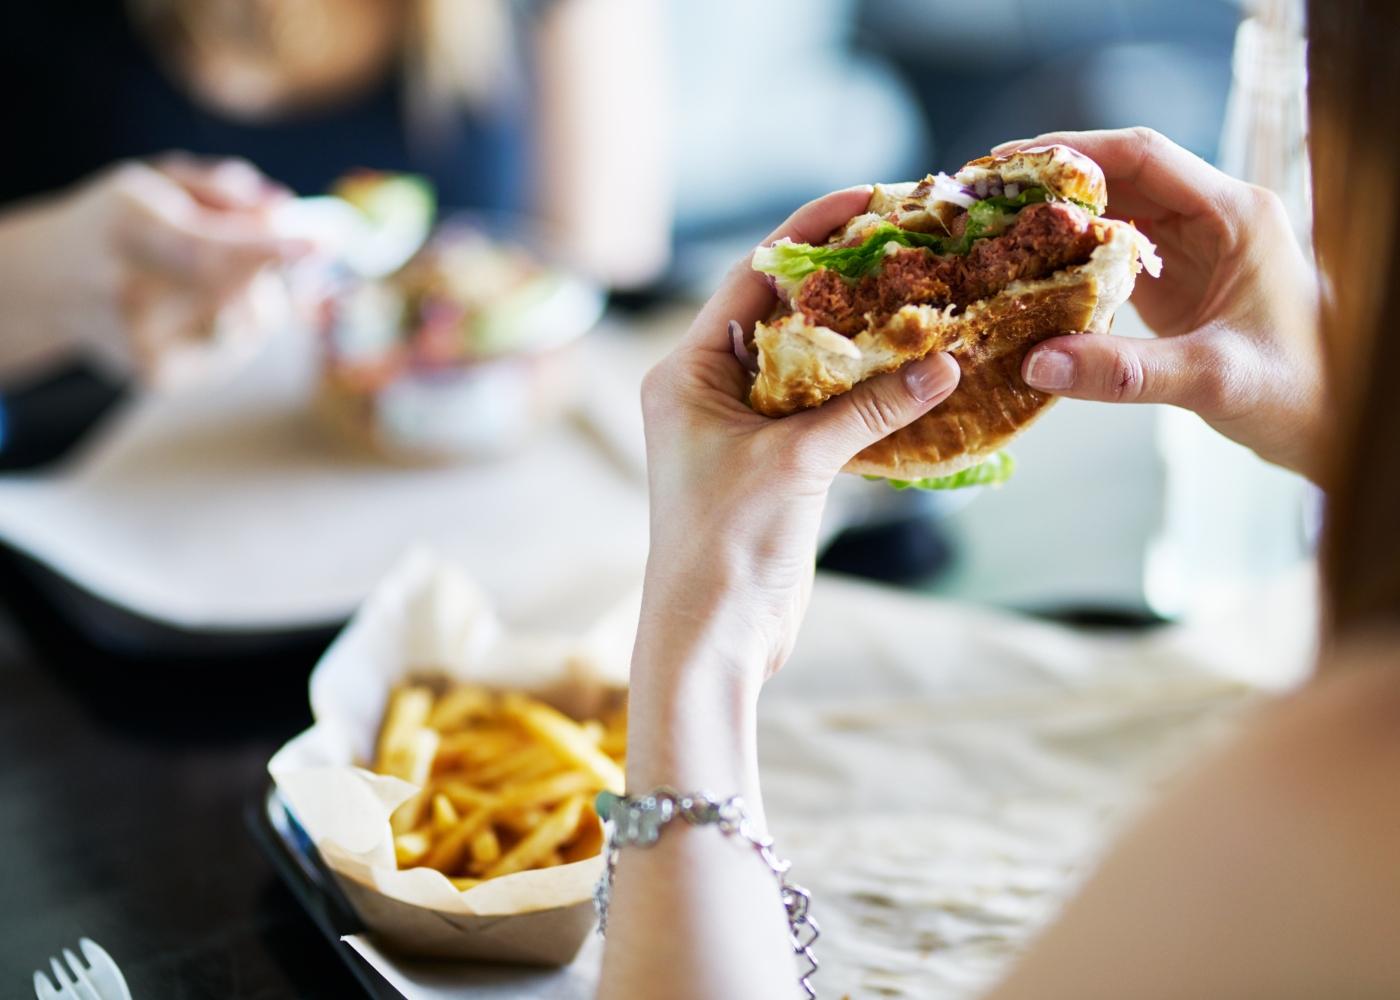 Maus hábitos alimentares